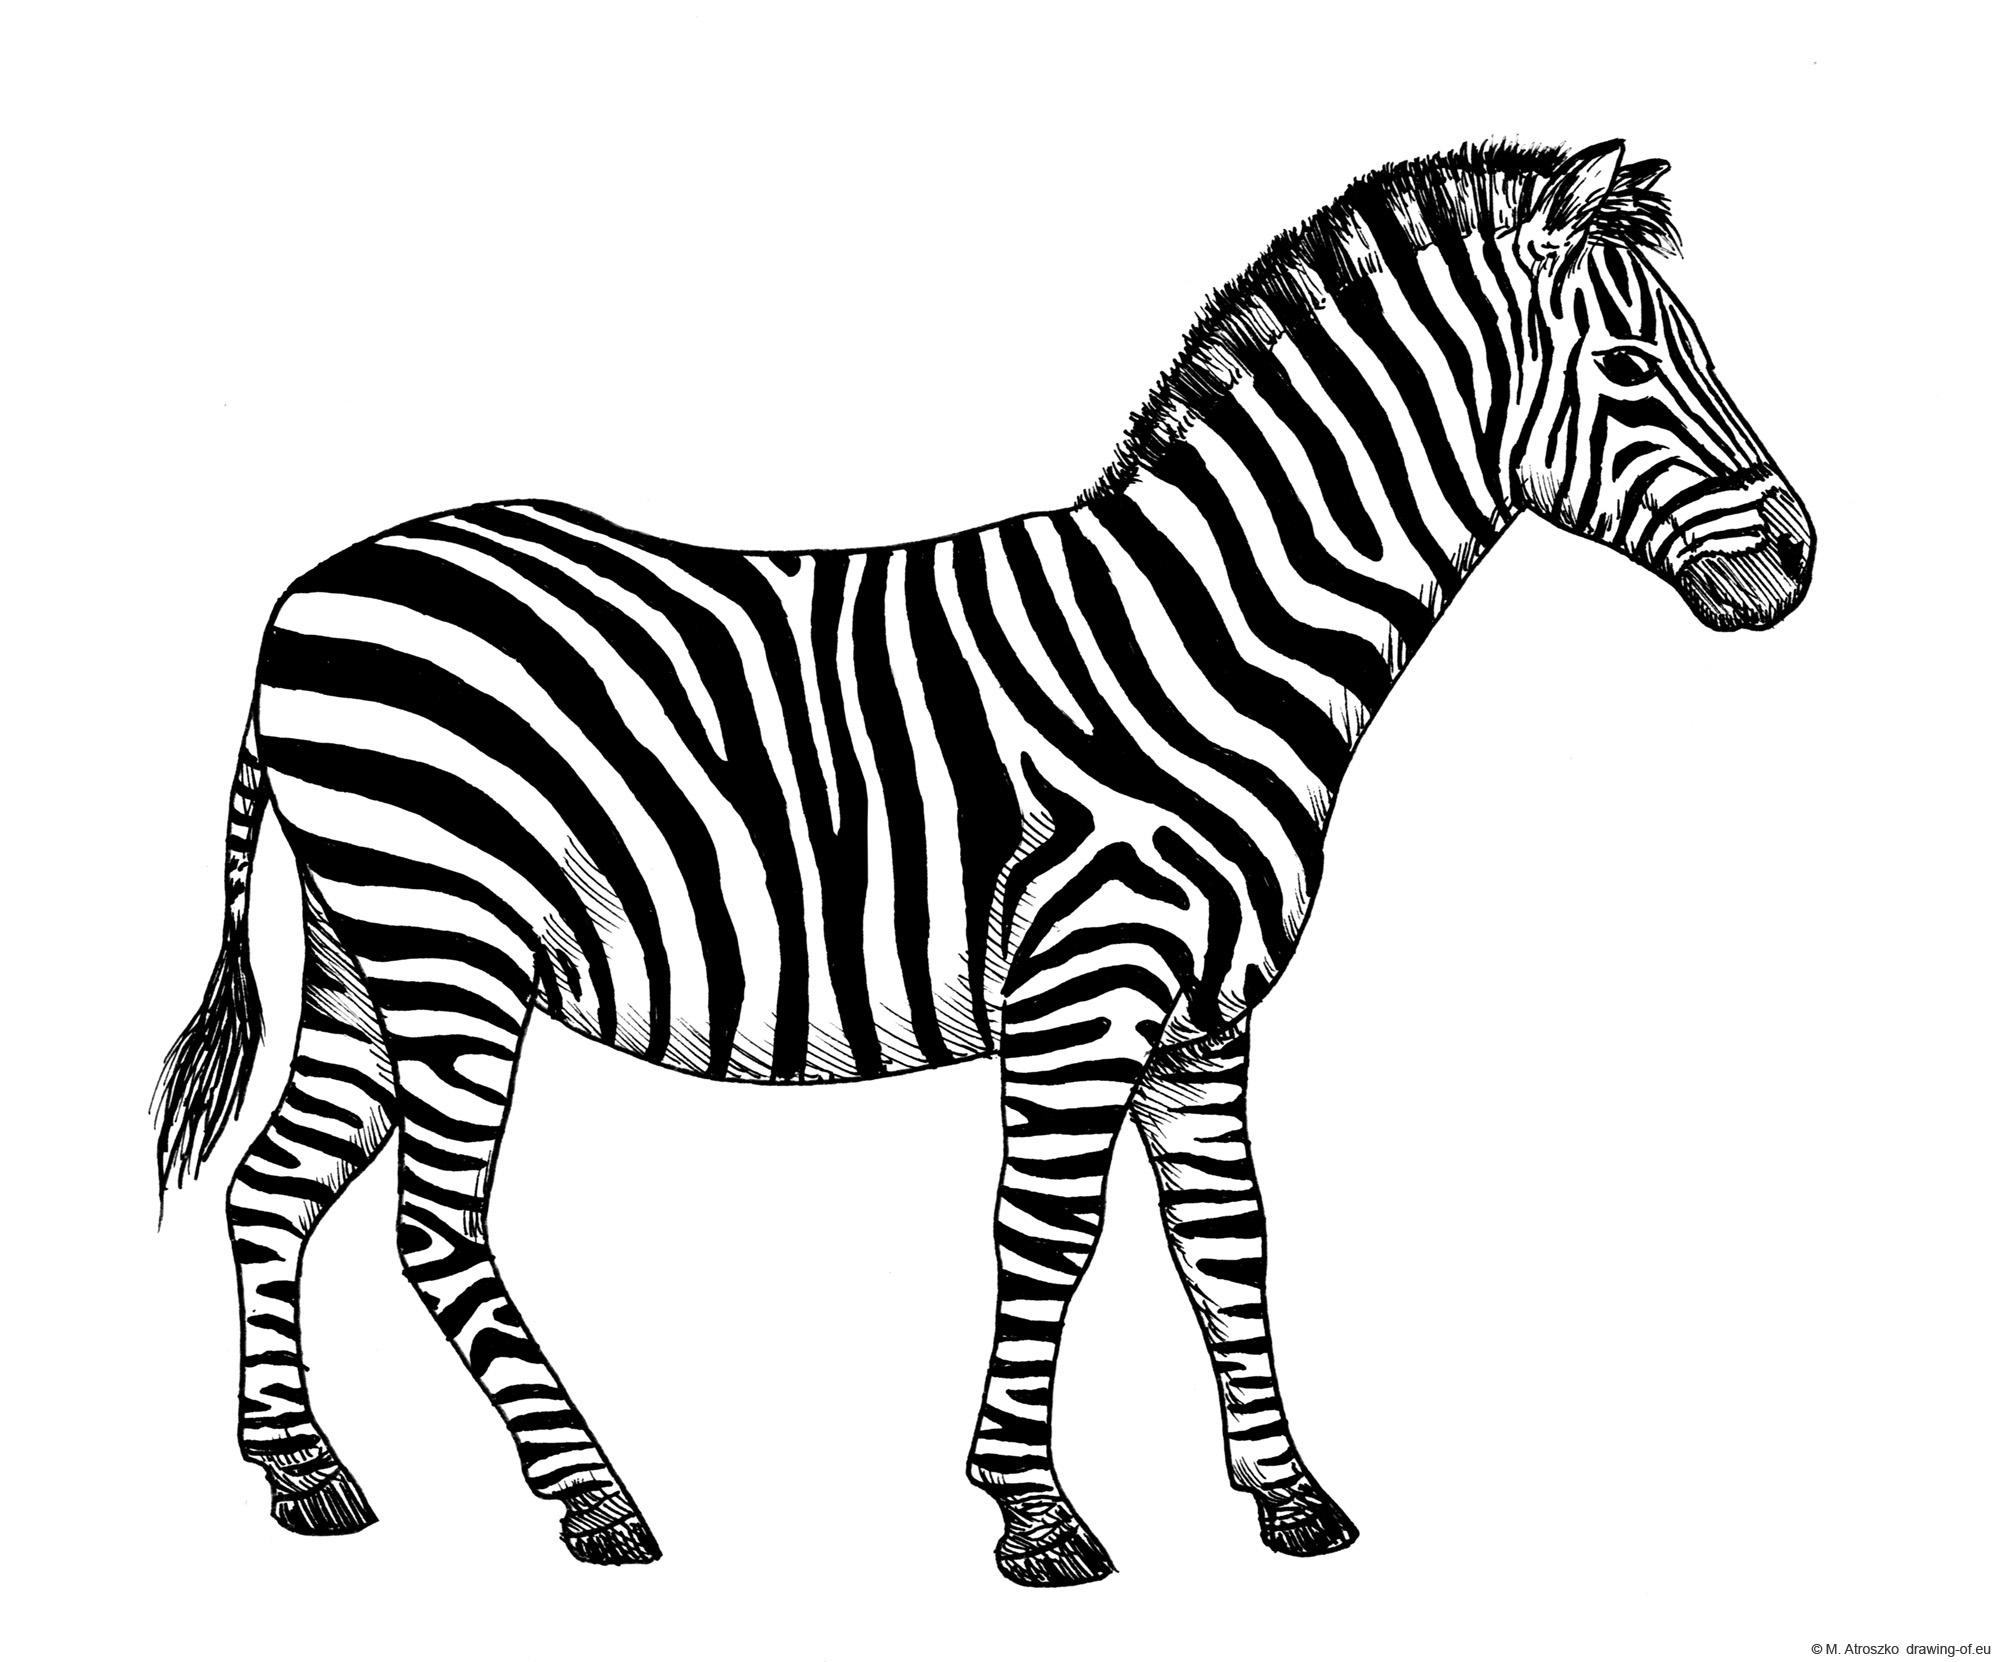 Dibujo de zebra